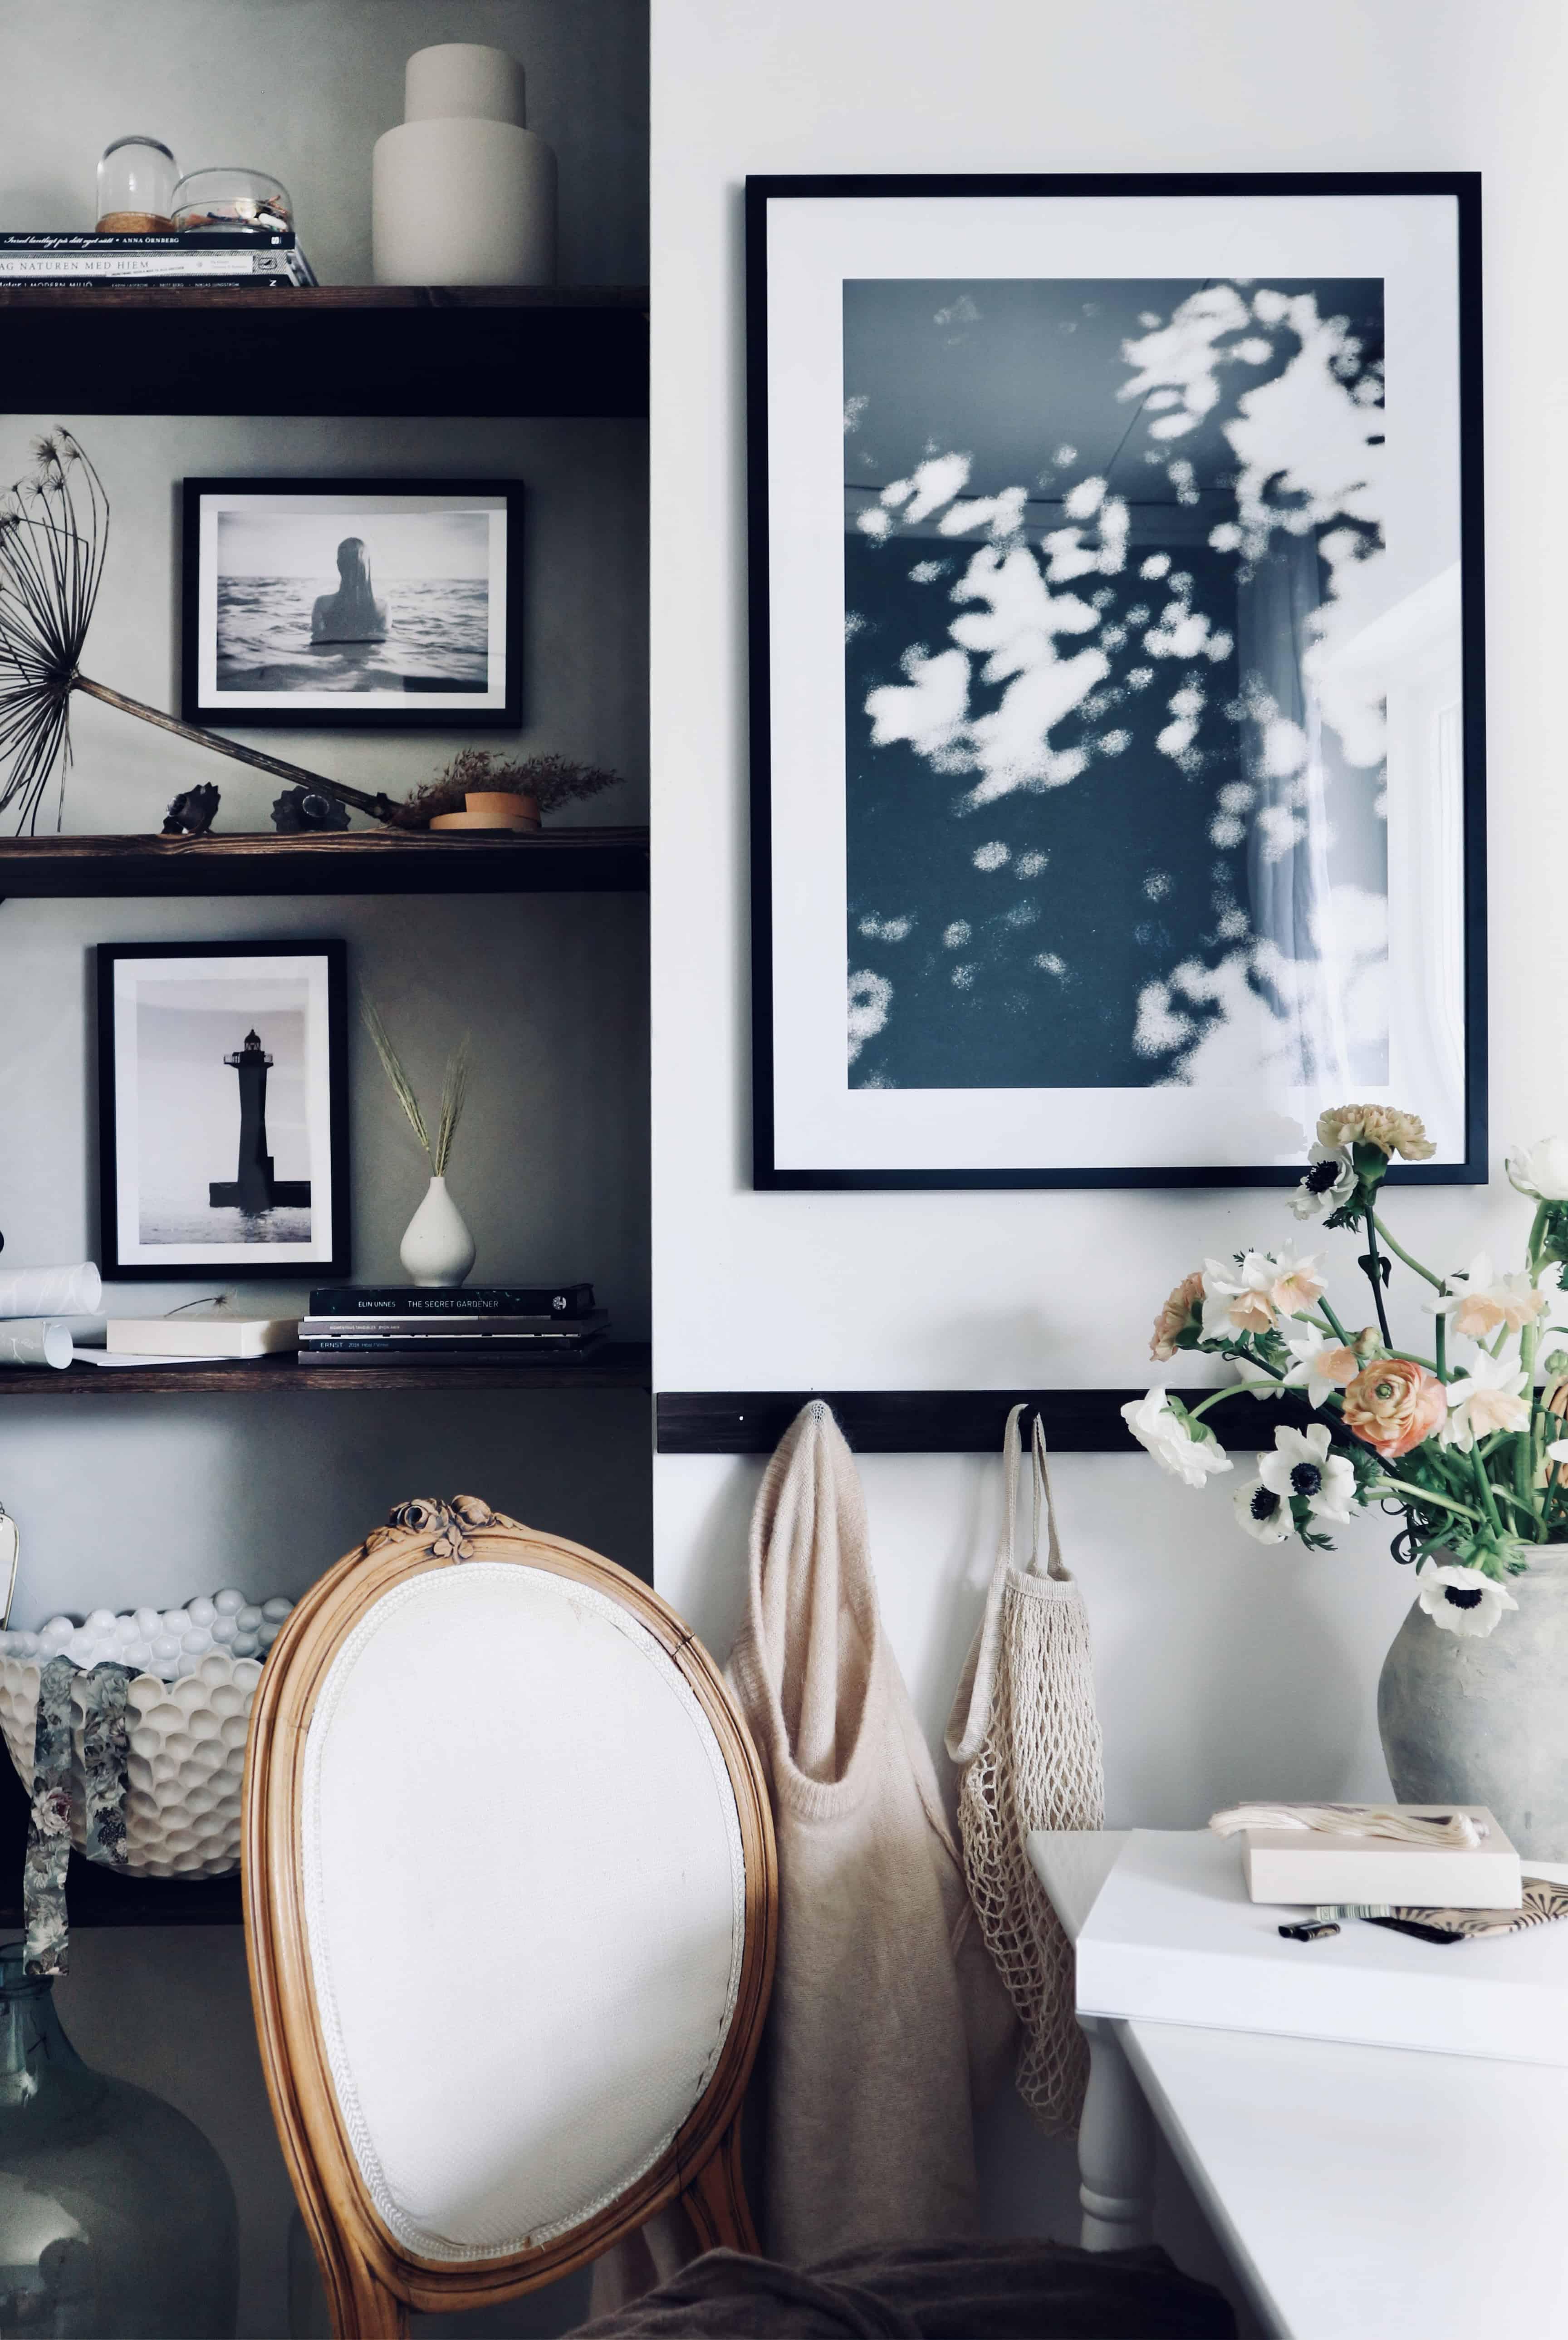 Gästrummet står äntligen klart–med ny väggfärg och nya tavlor